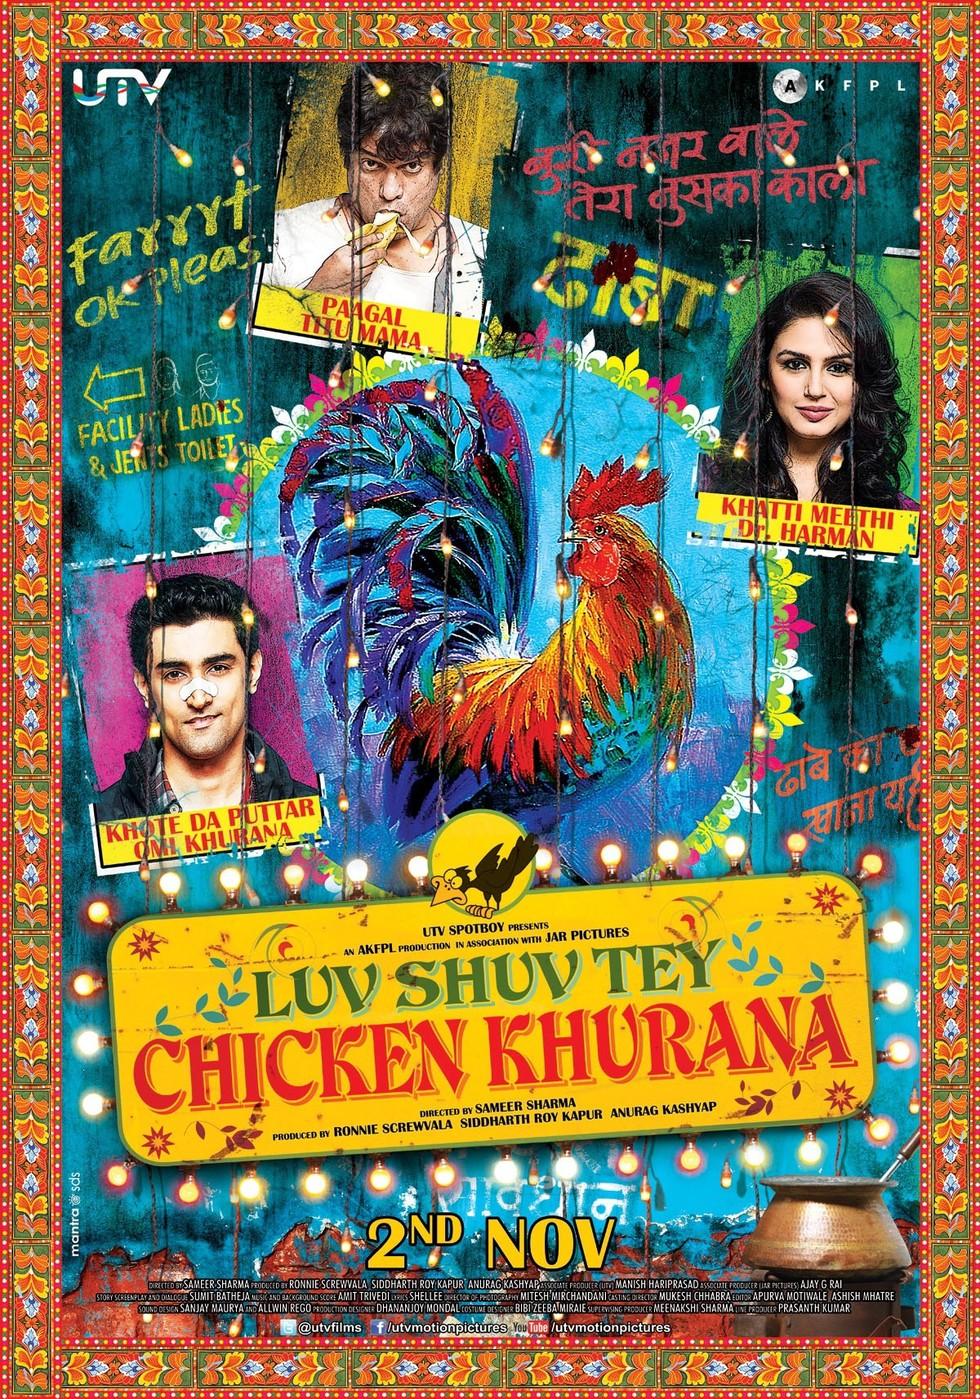 Luv Shuv Tey Chicken Khurana - Movie Poster #1 (Large)